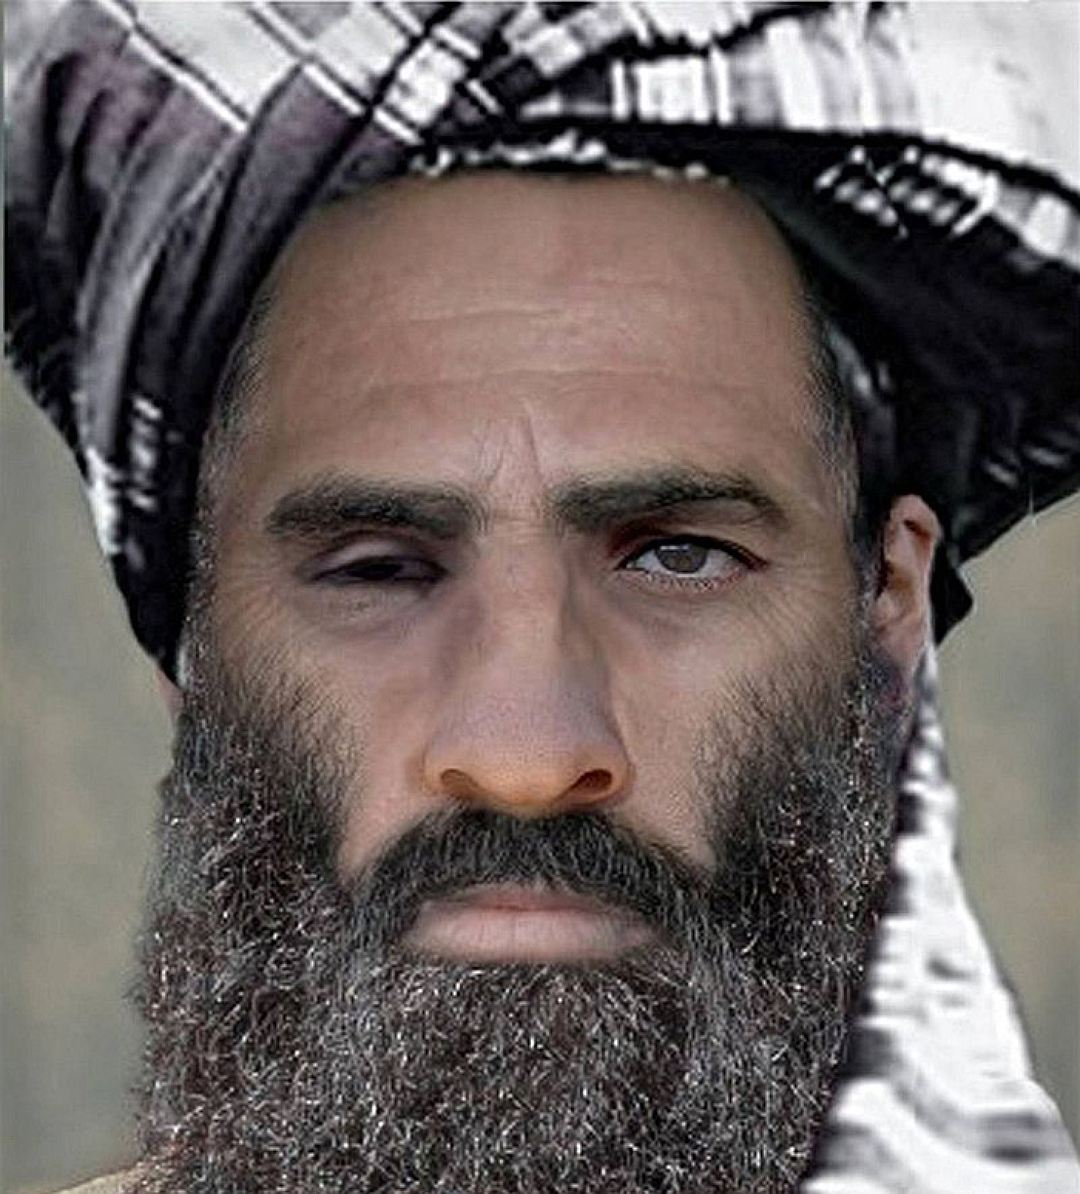 появления мулла фото борода вниманию интересные случаи